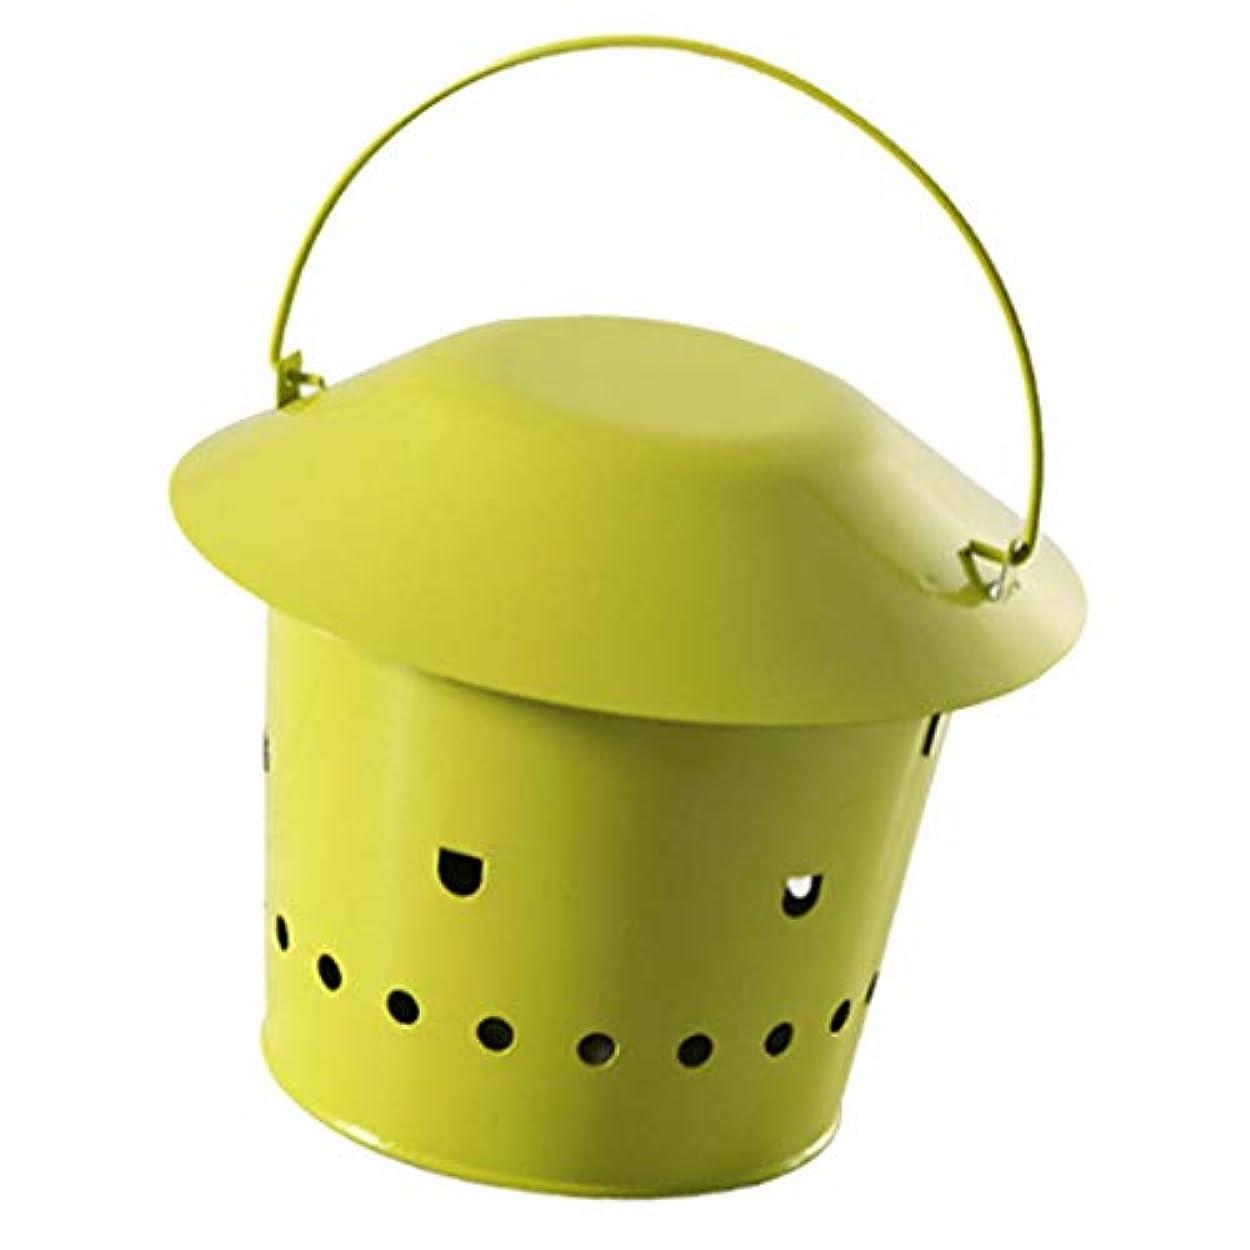 クレタシリングペンフレンド蚊取り線香 ホルダー 創造的 携帯用 モスキートコイルホルダー - 緑